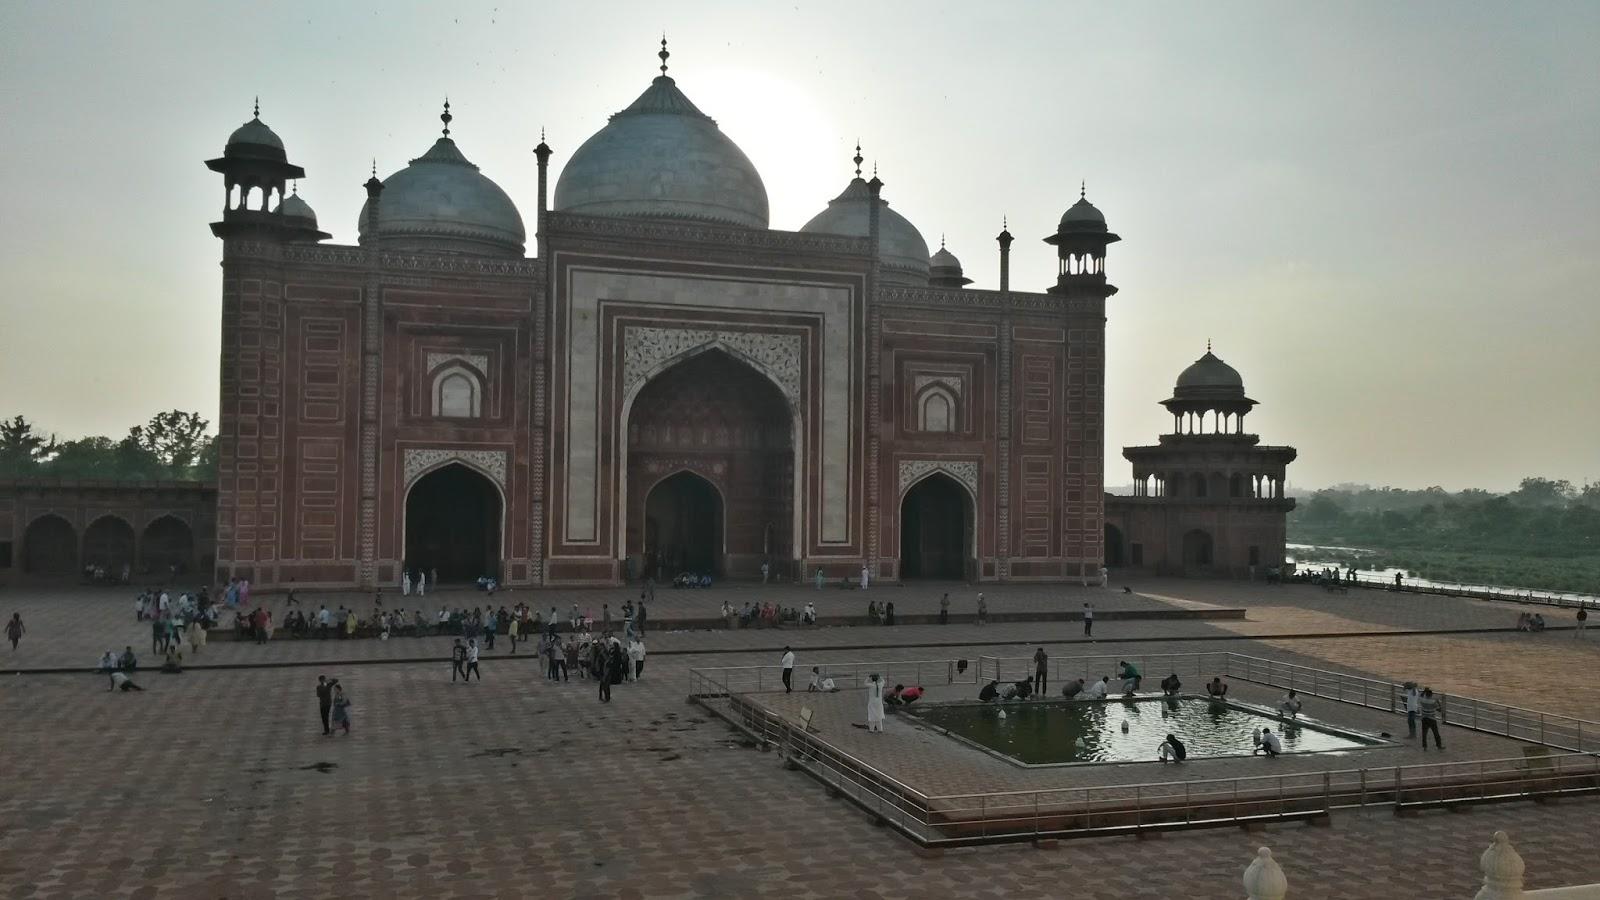 Taj Mahal Mosque Mac Mahal Cami Havuz